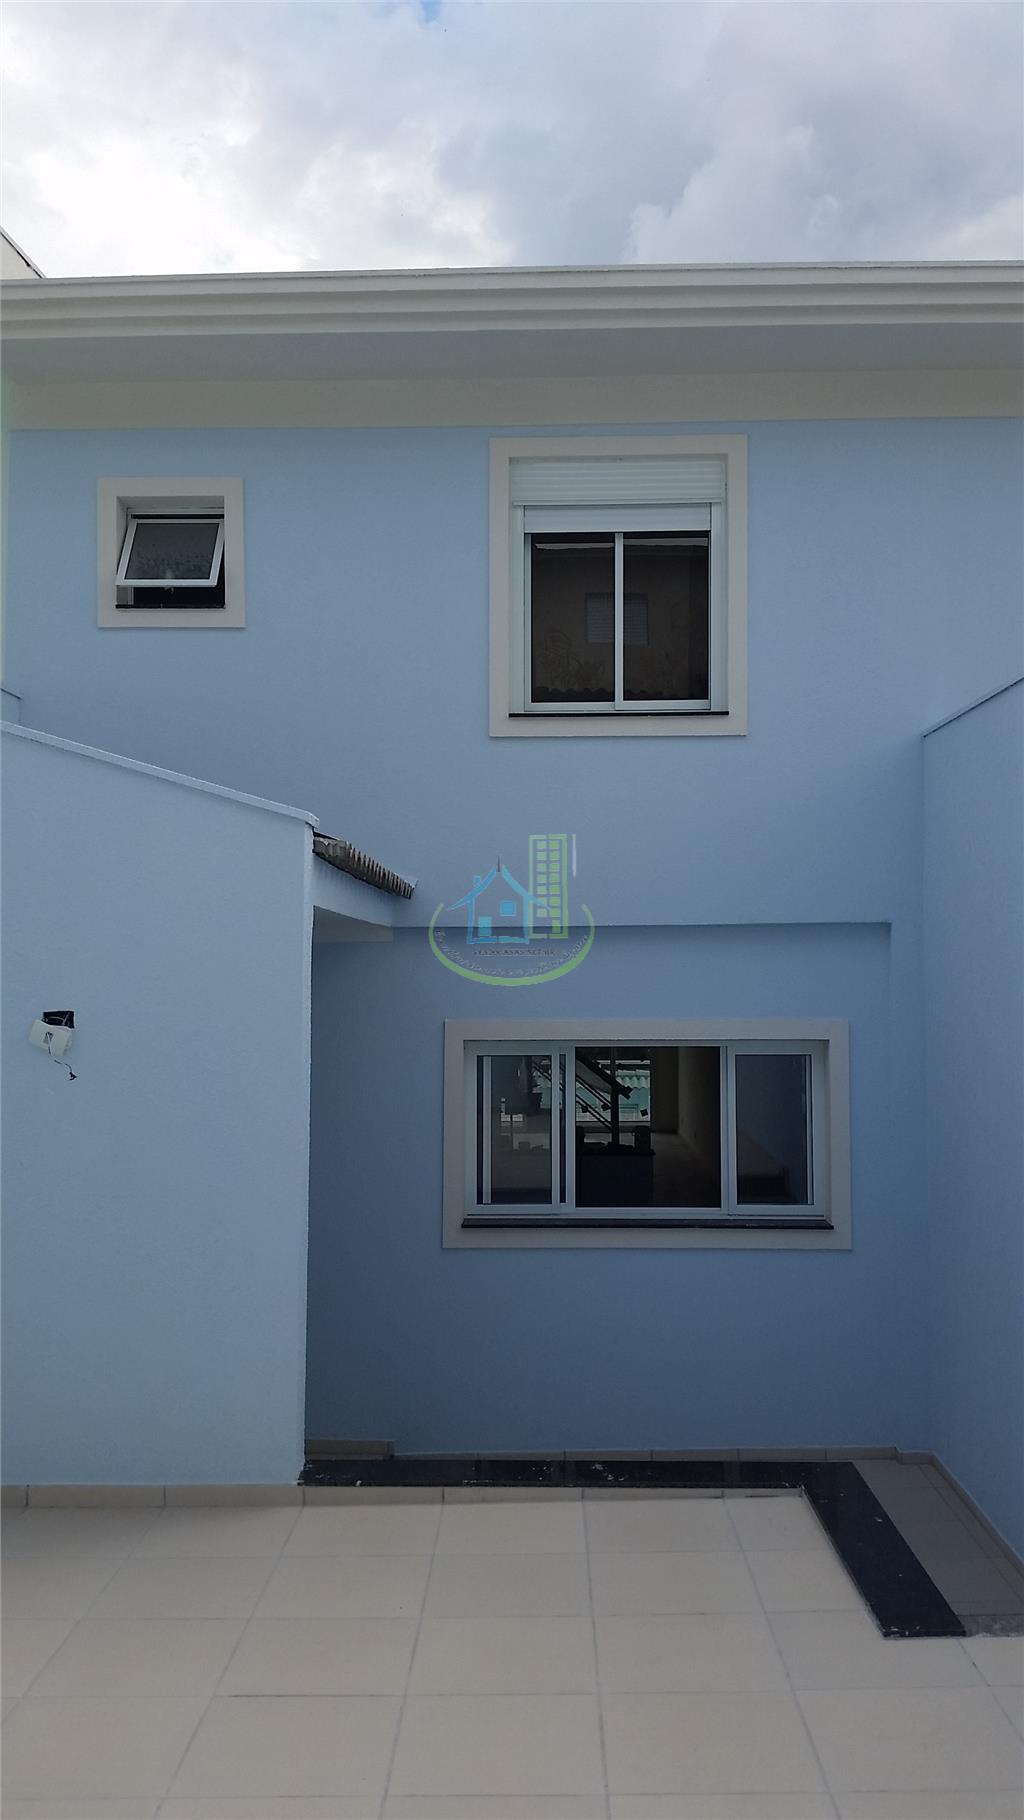 Sobrado de 4 dormitórios à venda em Vila Gea, São Paulo - SP